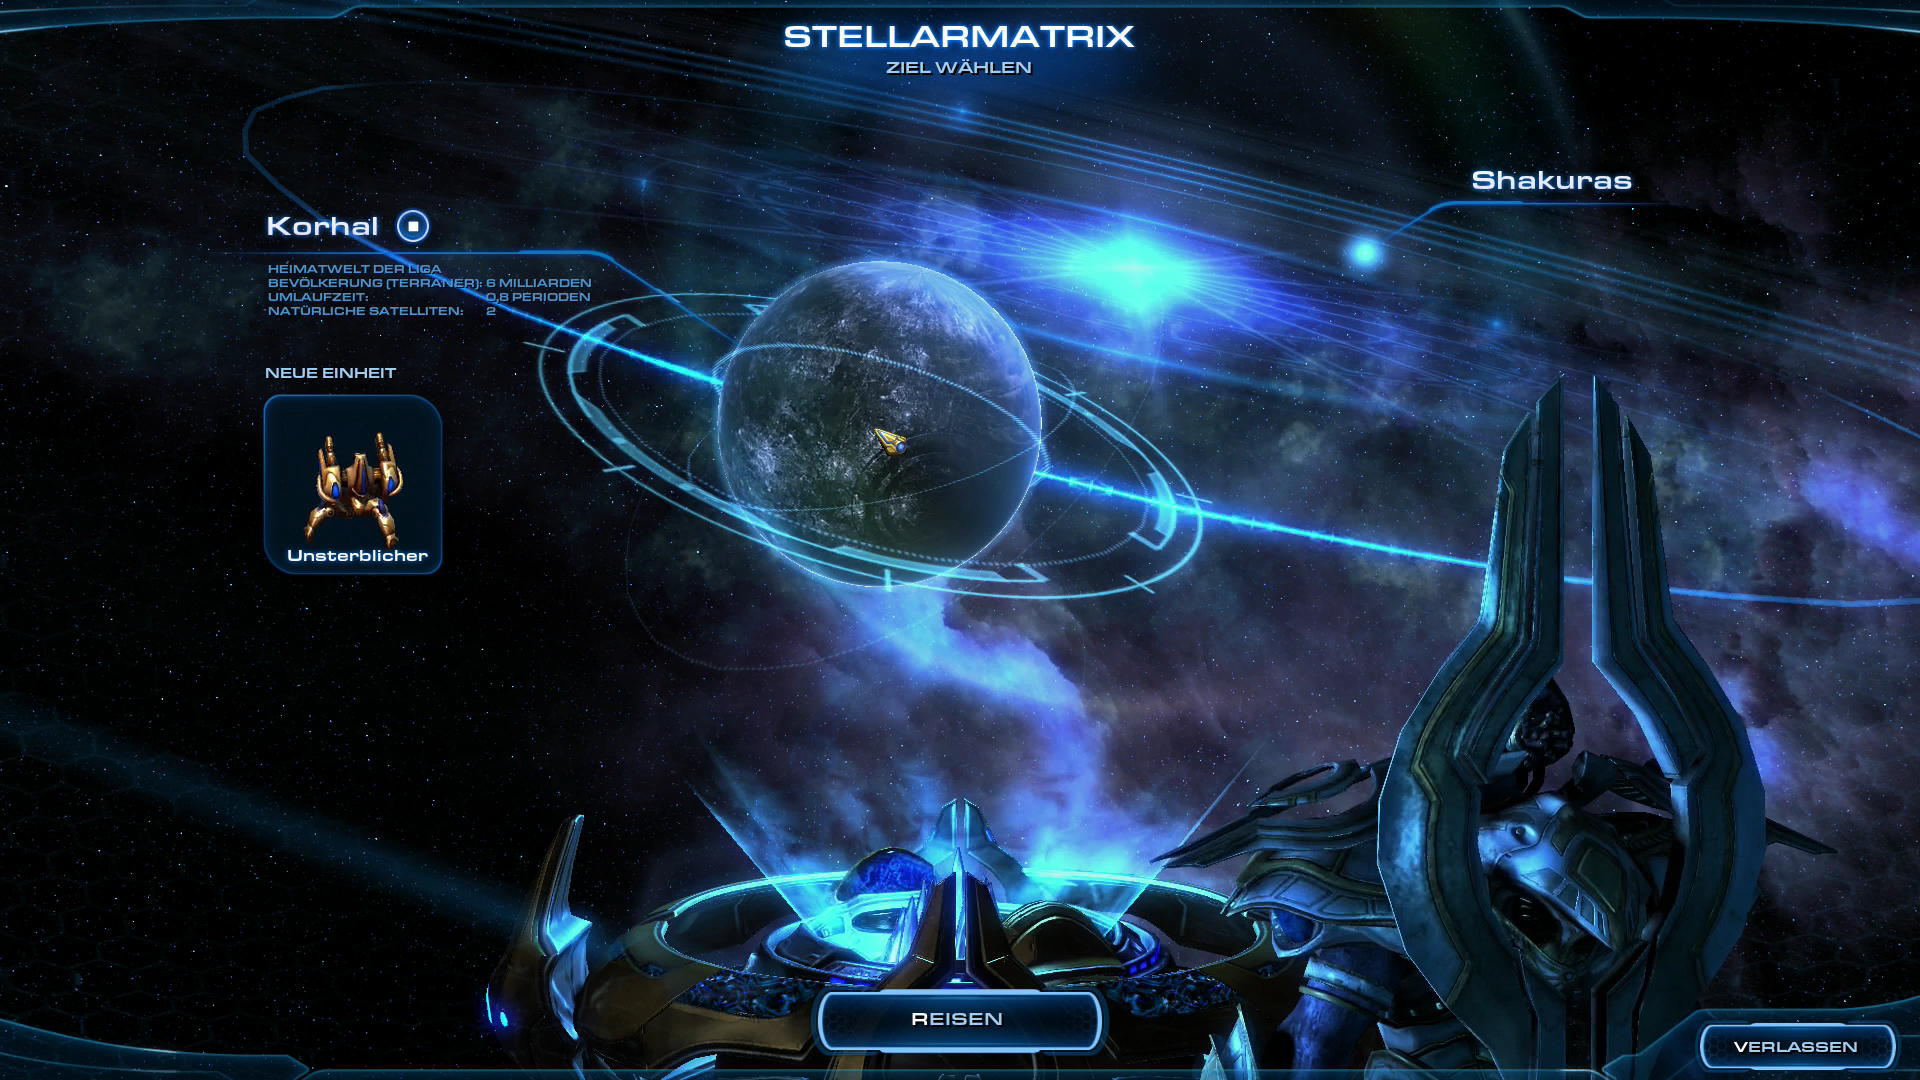 Starcraft 2 3.0 im Test: Grandioses Finale mit den Protoss - Im Kartenraum des Protoss-Flaggschiffs setzt der Spieler seinen Kurs. (Screenshot: Golem.de)